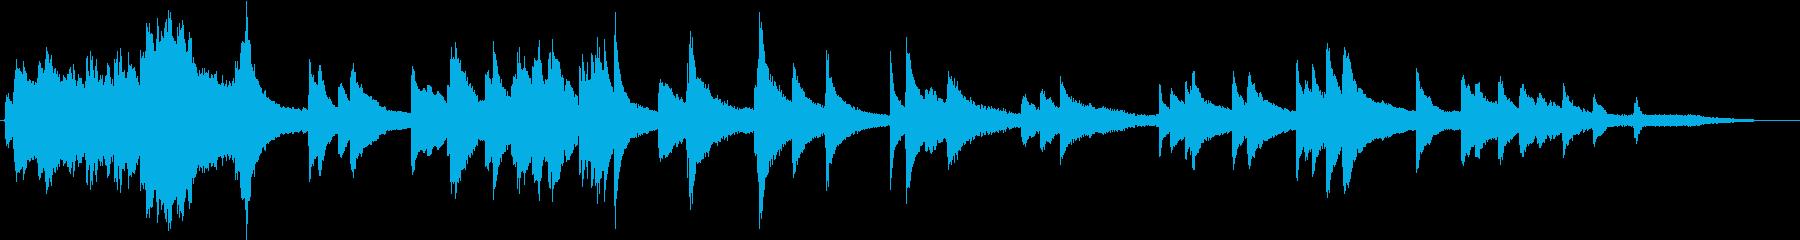 ピアノ クラスクルー の再生済みの波形